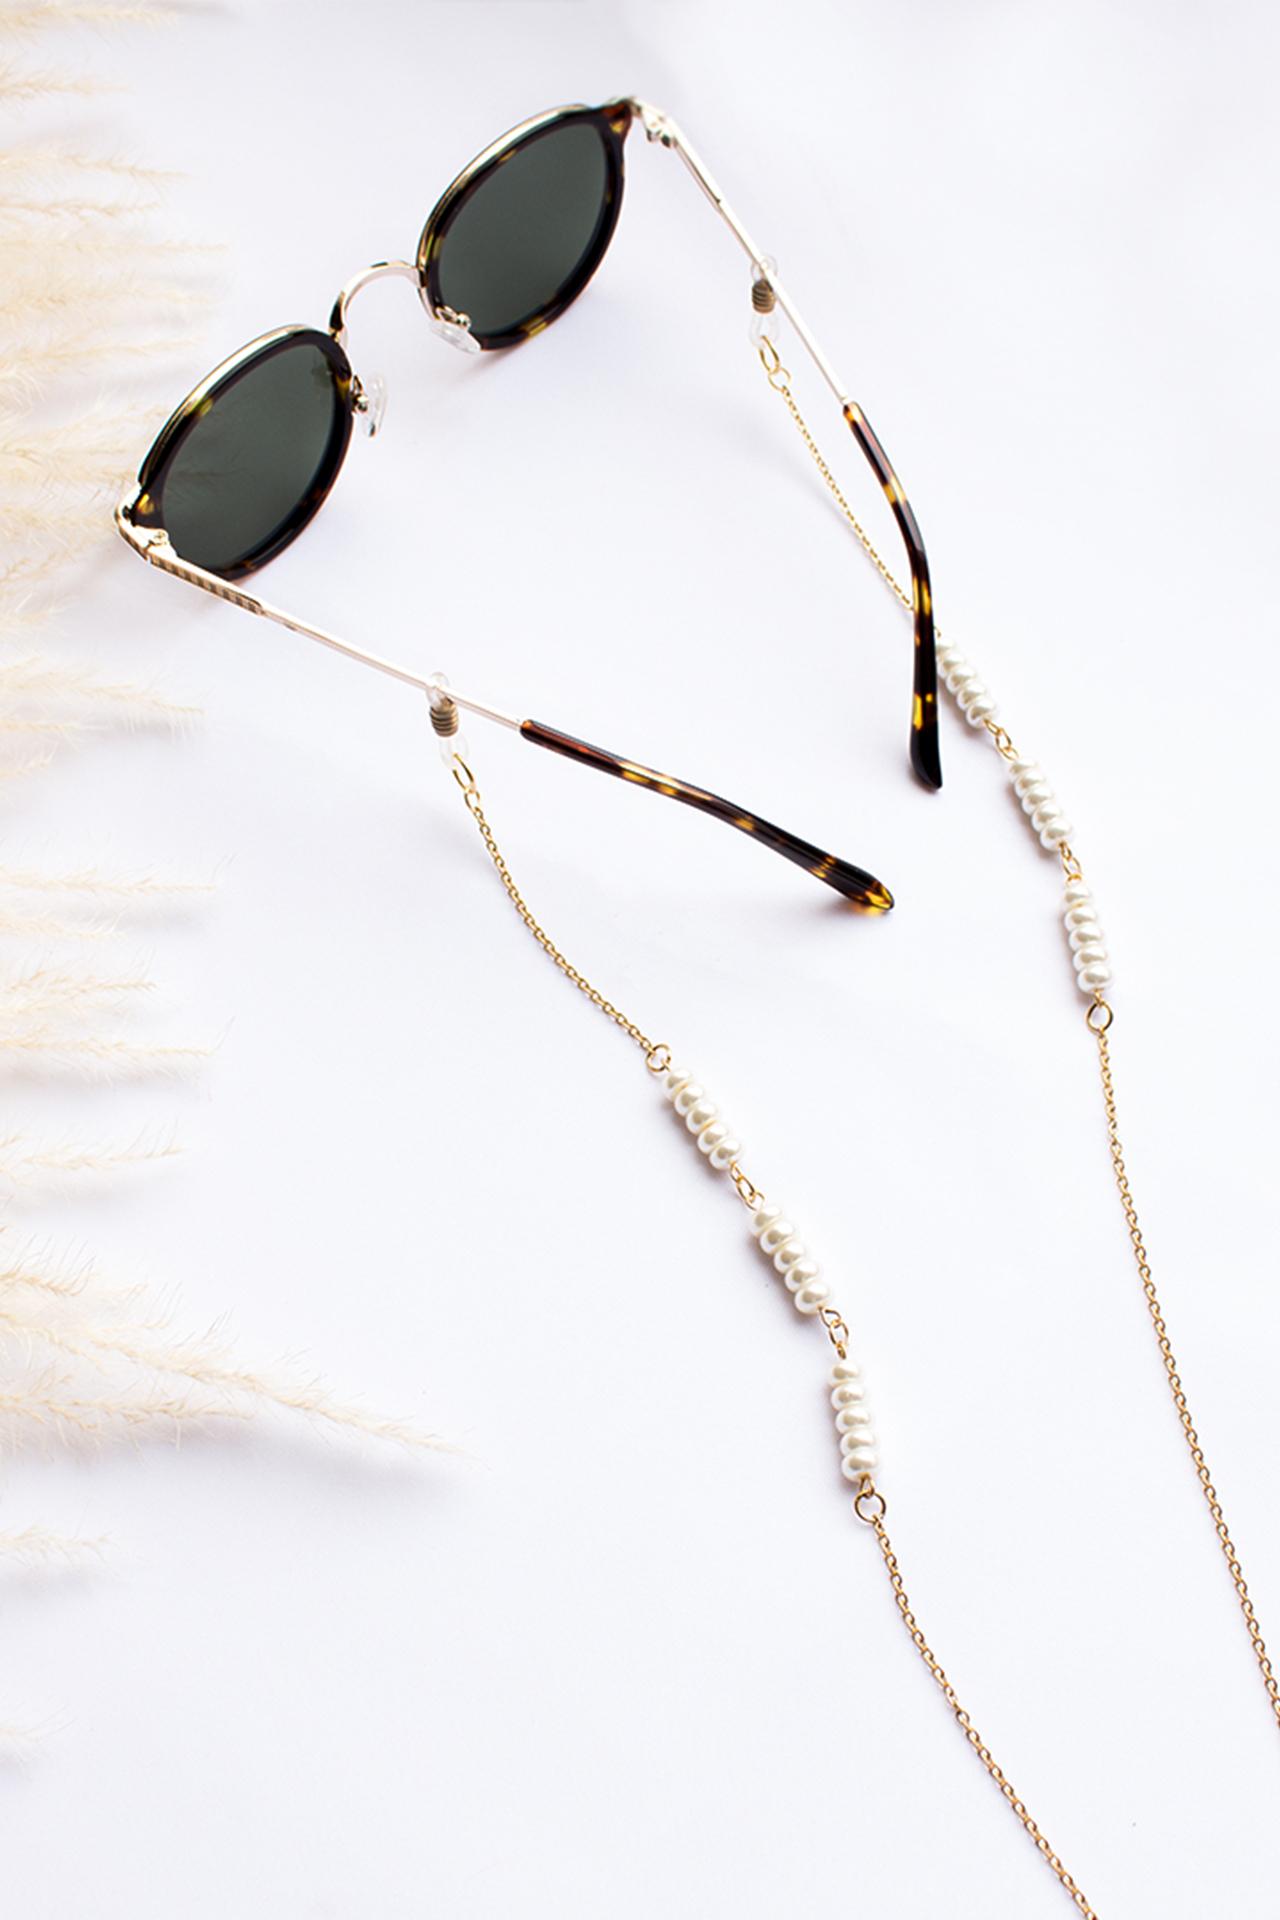 Sujetador de lentes con donas de perlas japonesas. Accesorios y cadena de acero. Largo: 70 cm aprox.